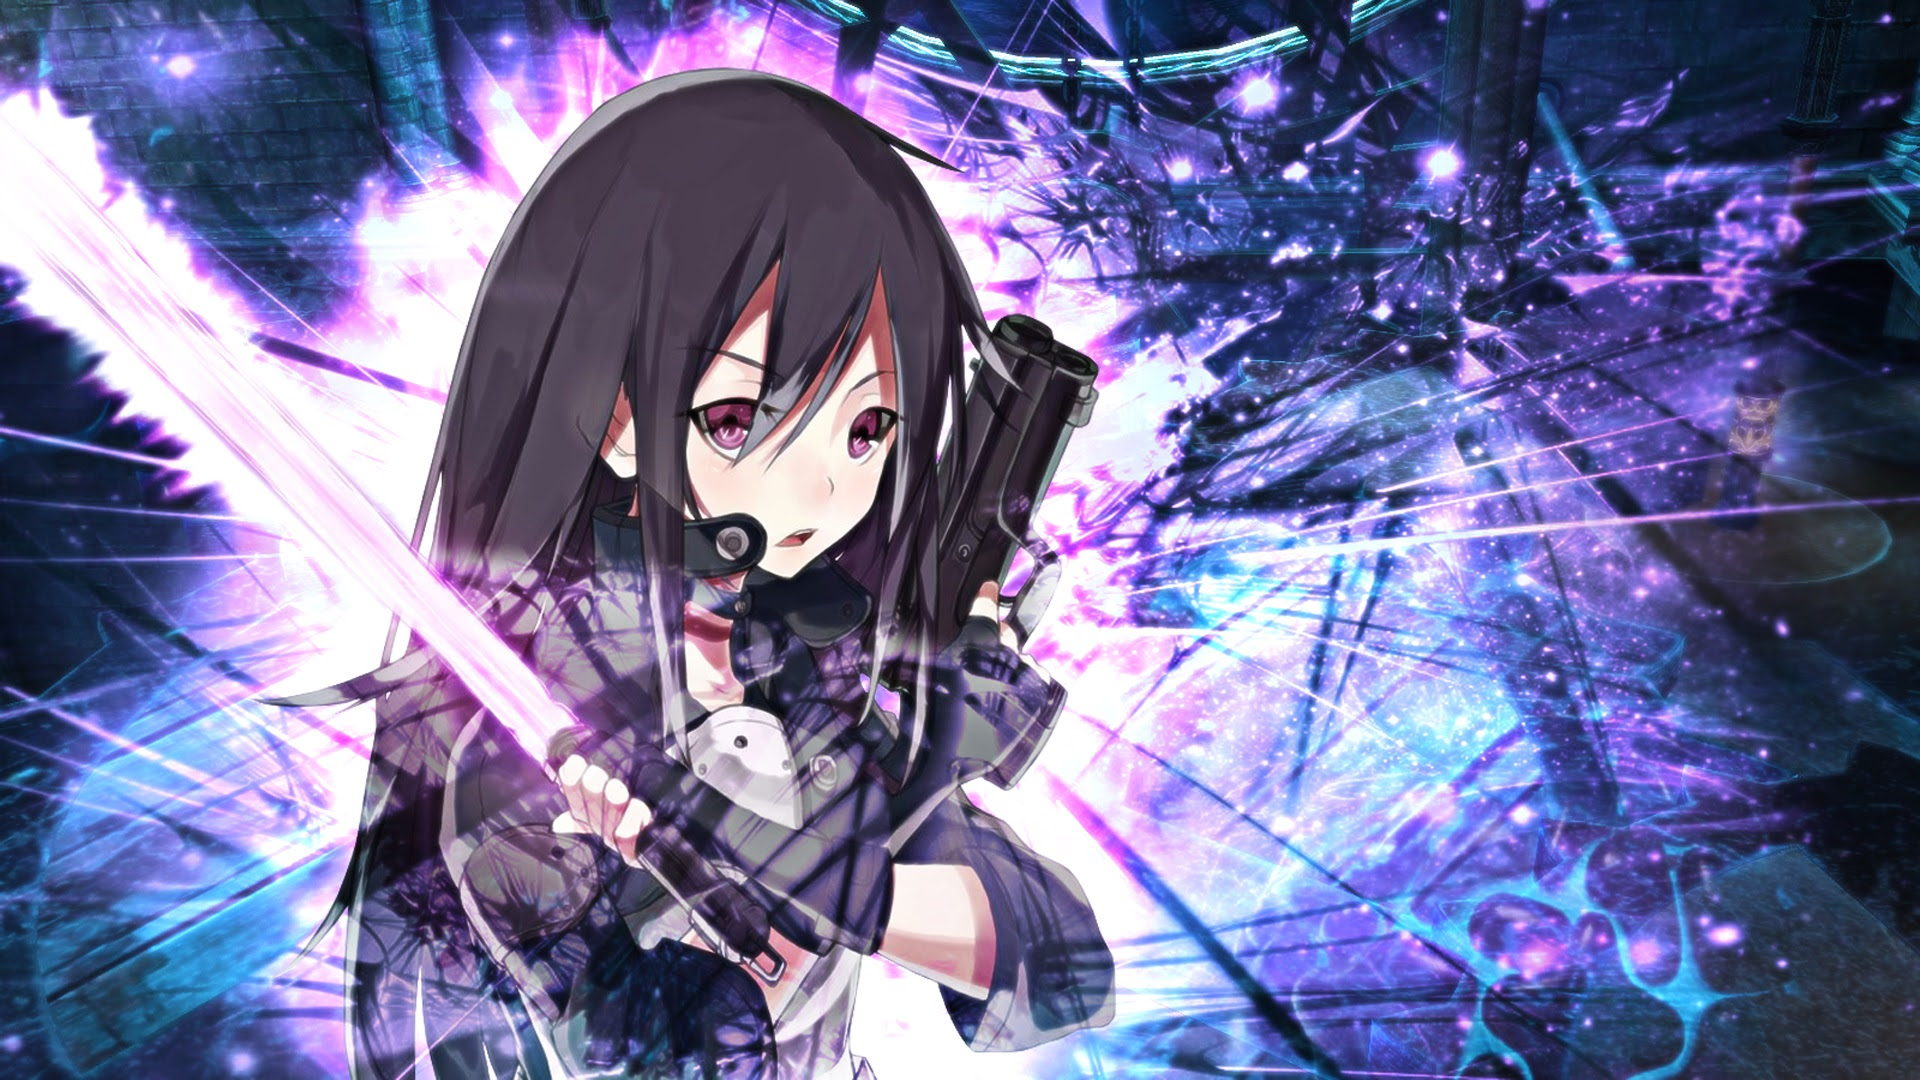 Sword Art Online 2 Wallpaper 13